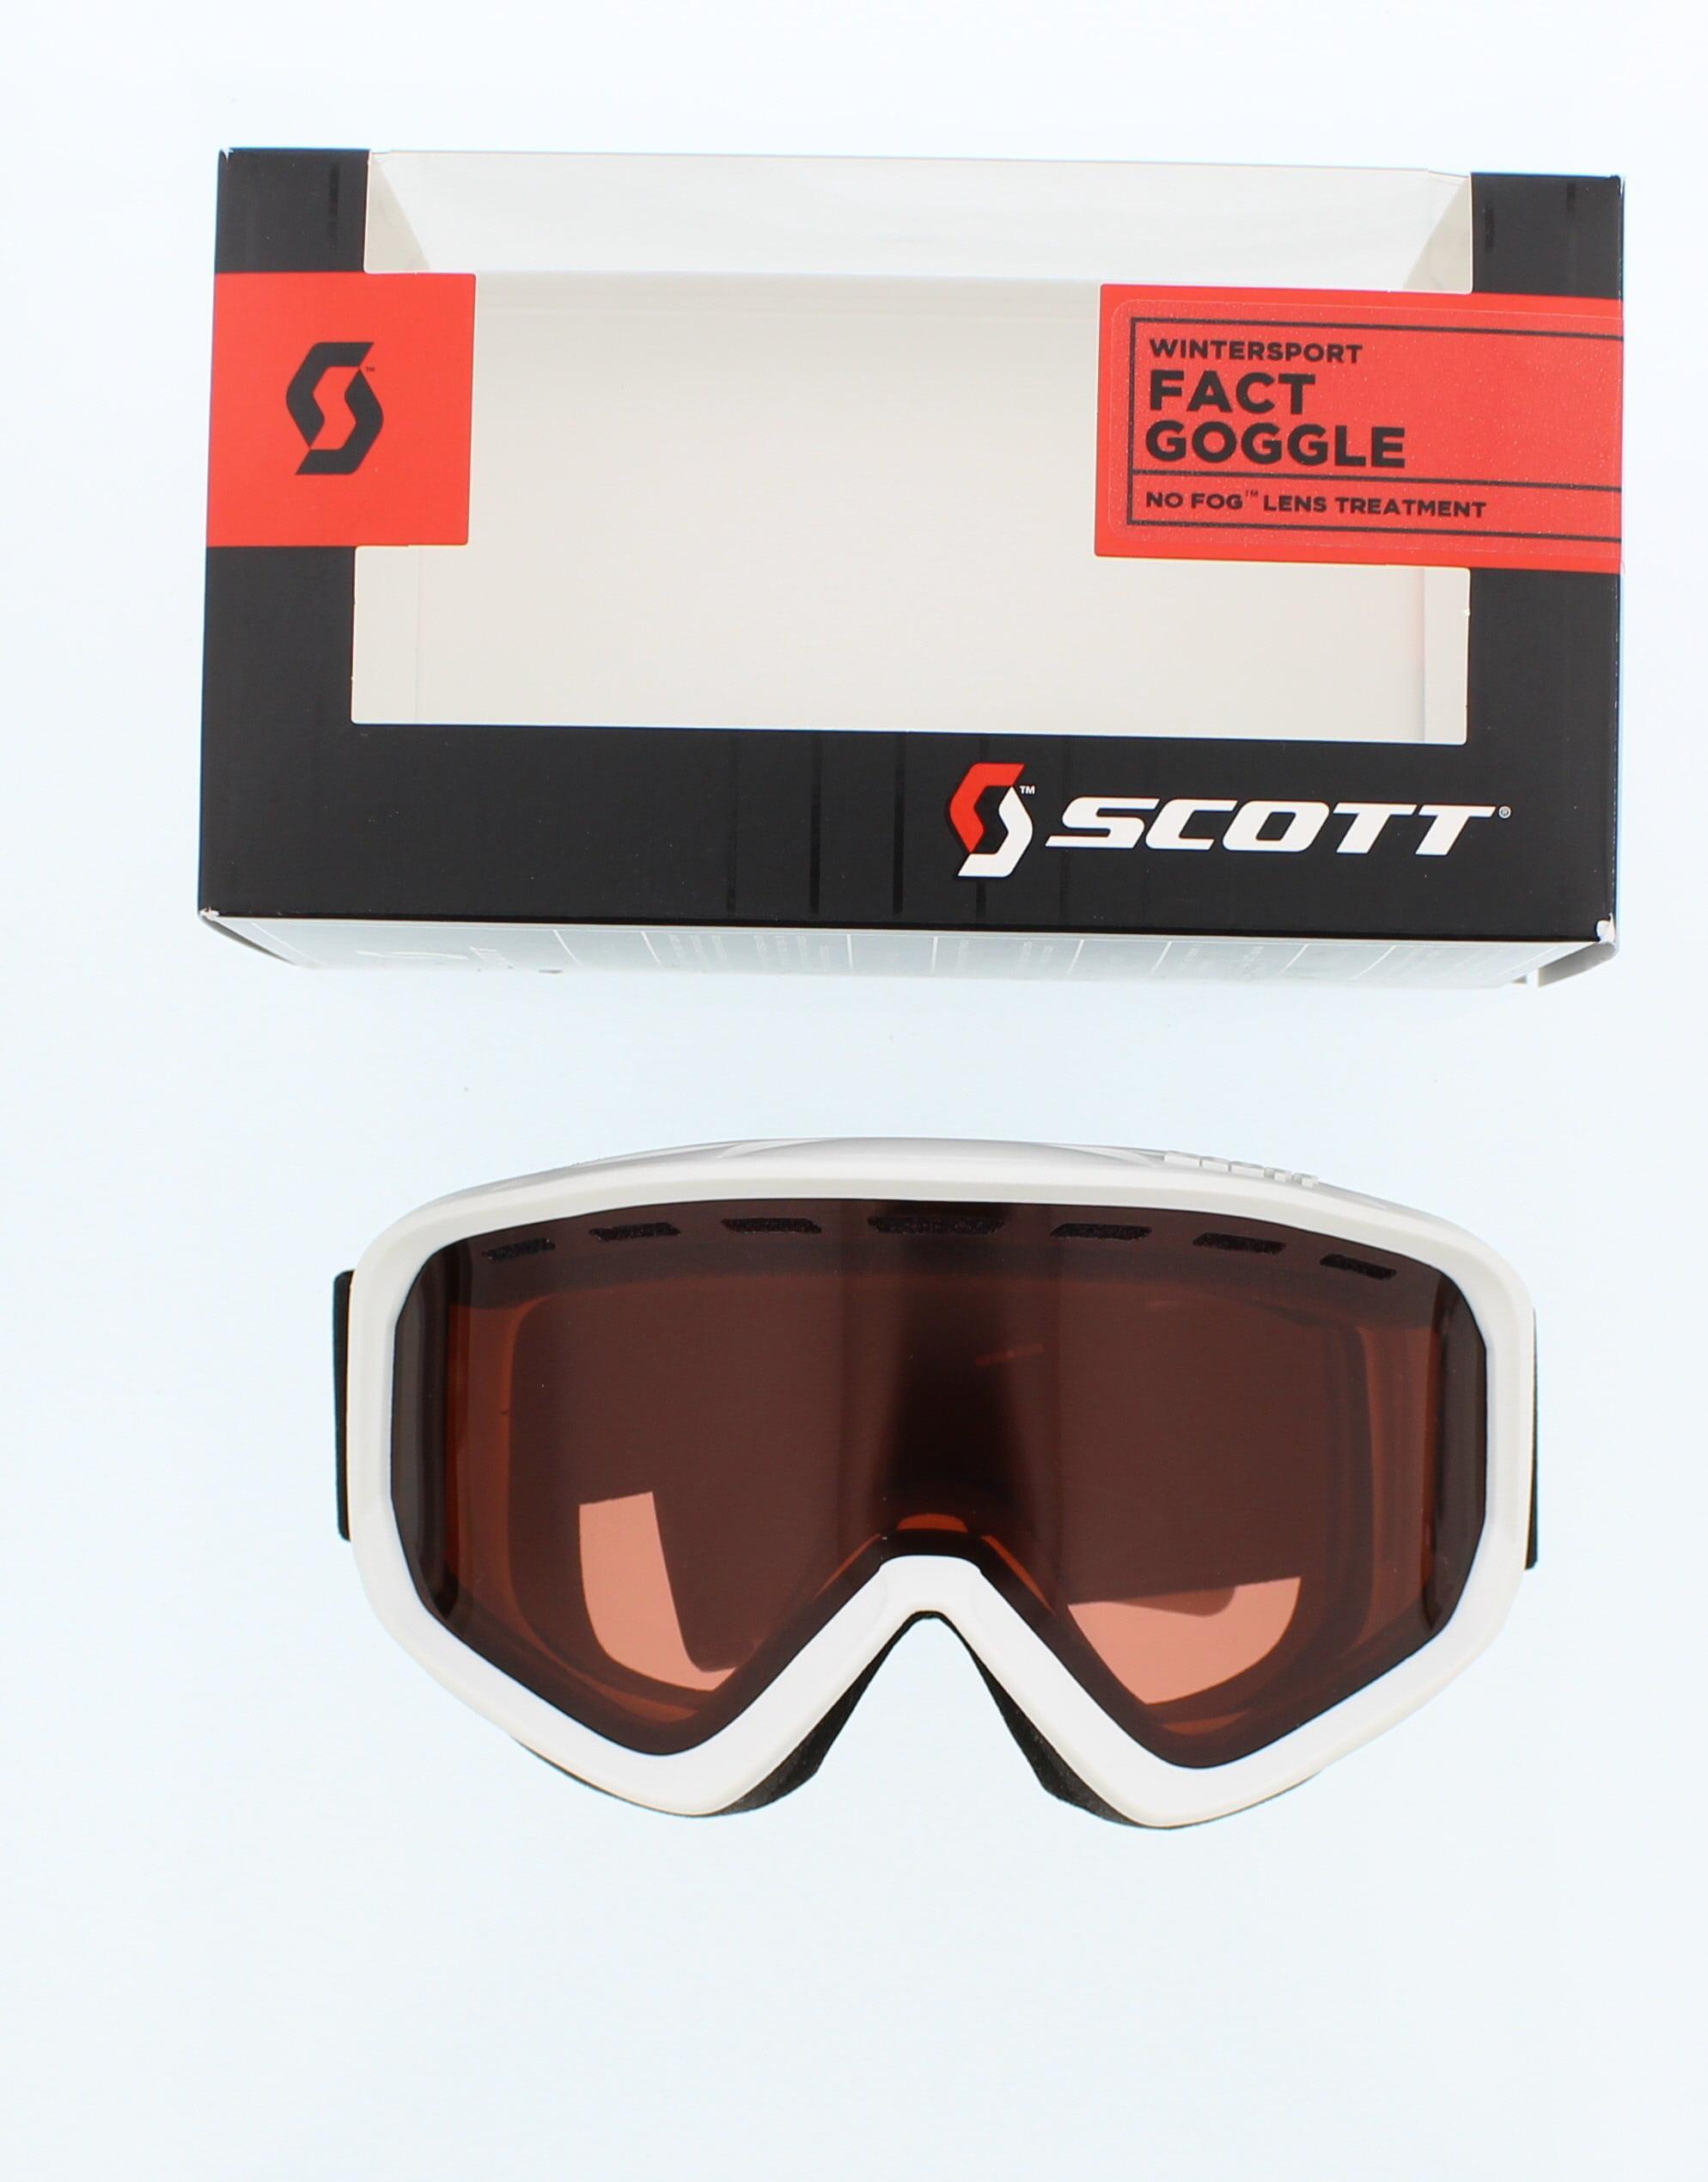 Scott White Winter Fact Sports Goggles by SCOTT